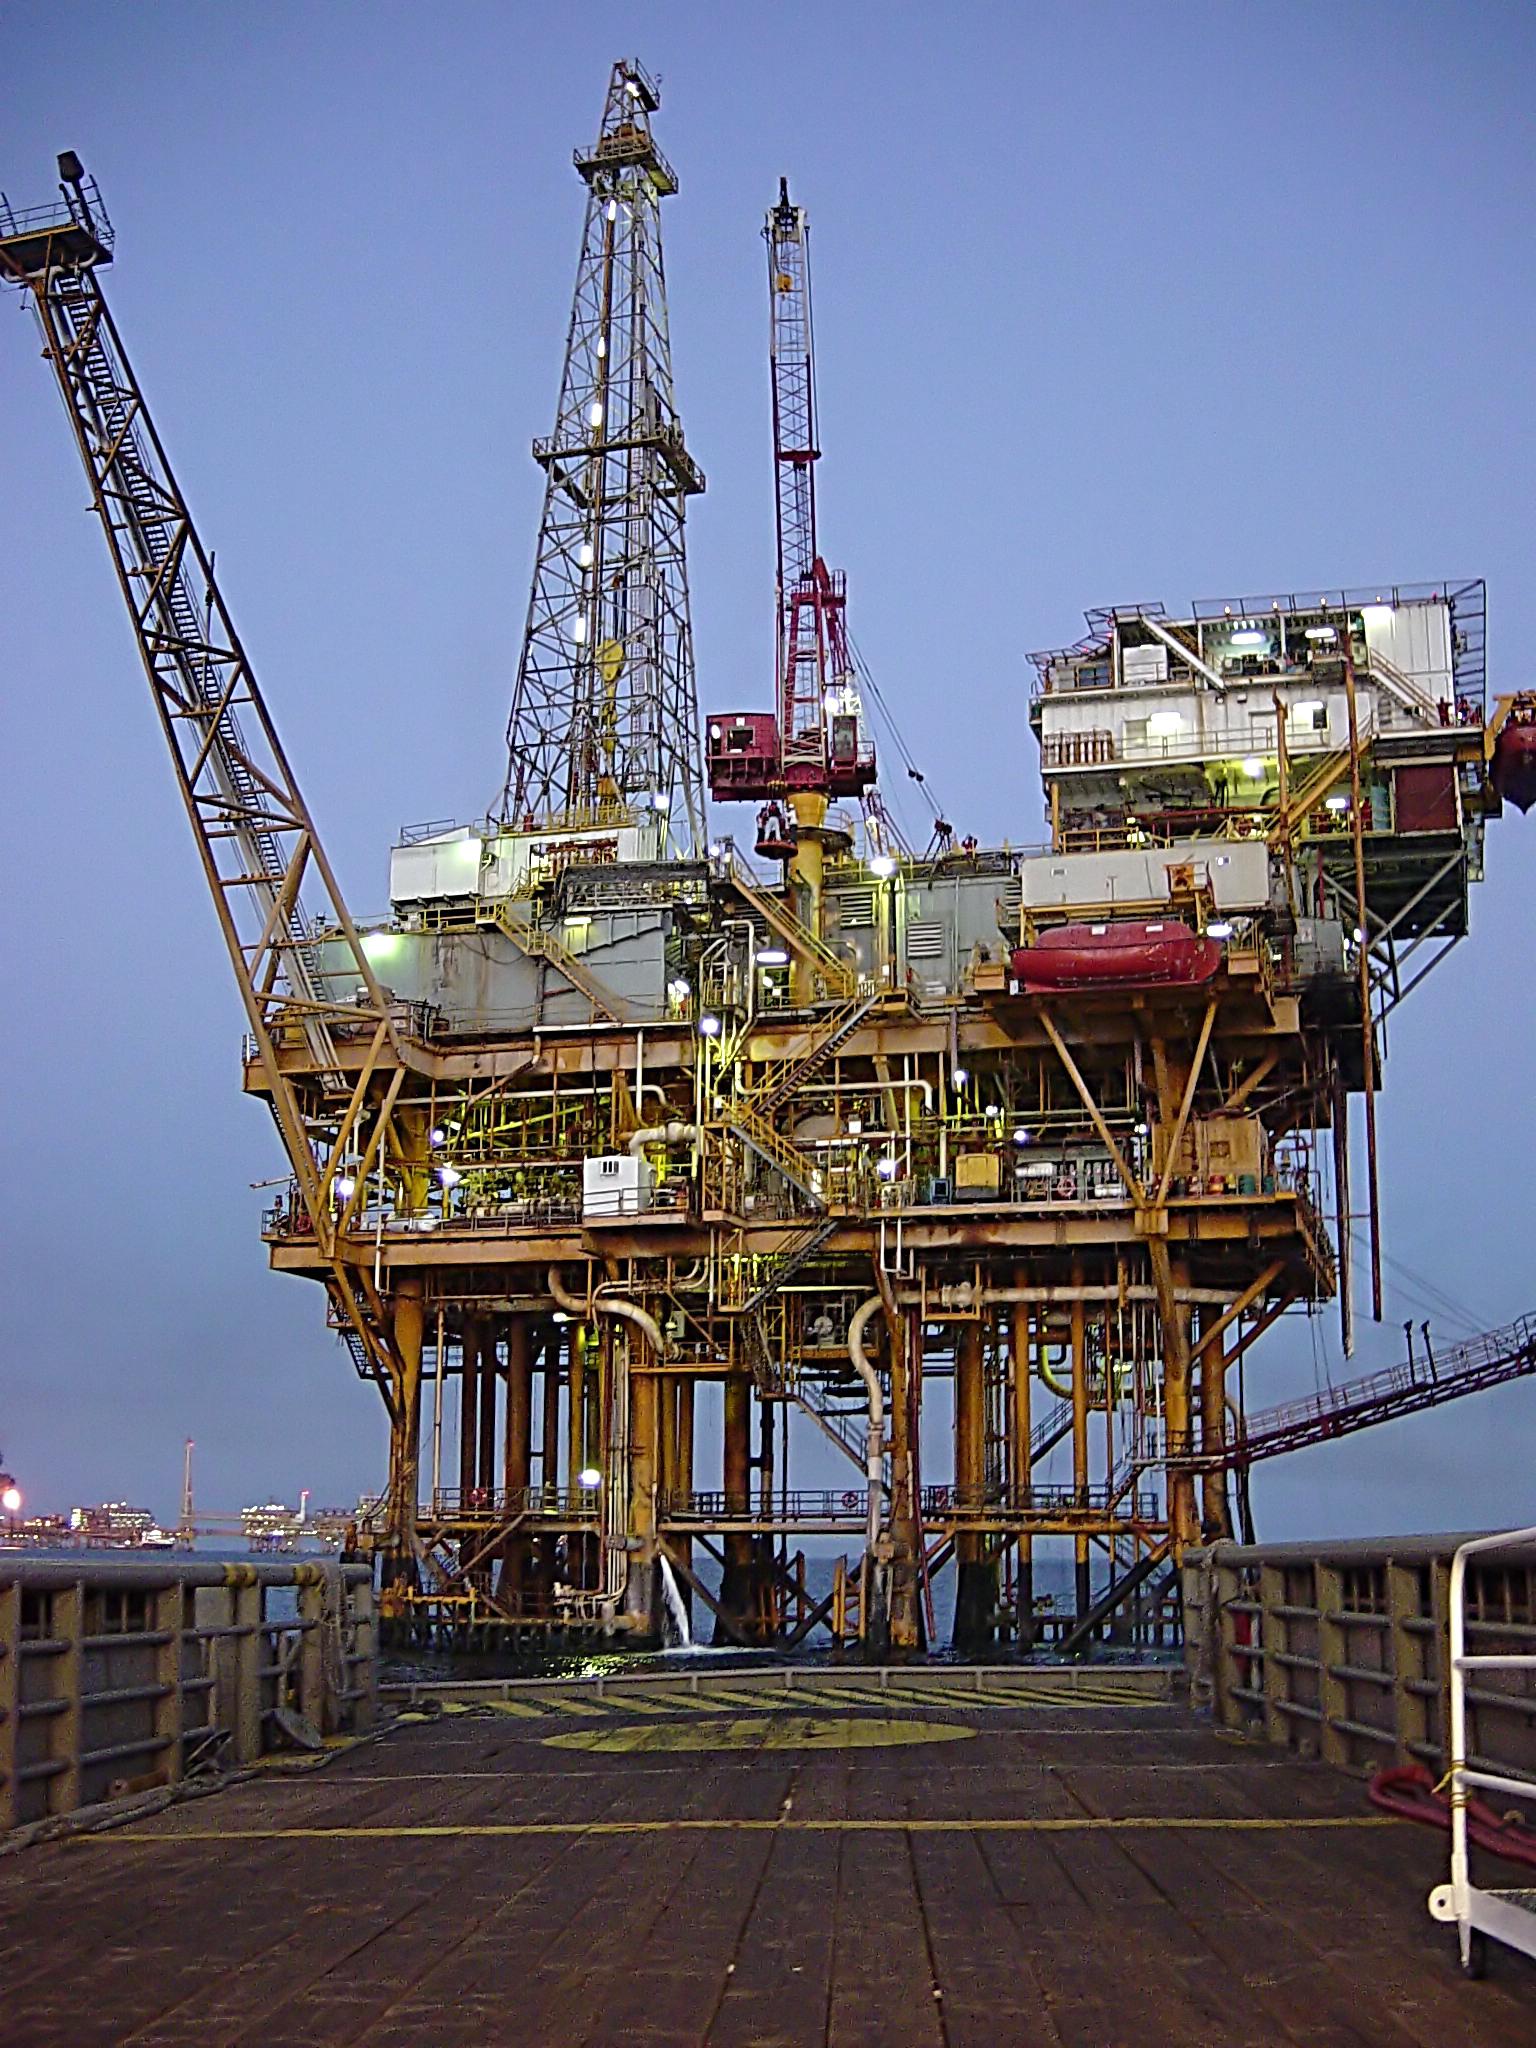 Ropa zlevňuje, zlevní i elektřina a plyn?